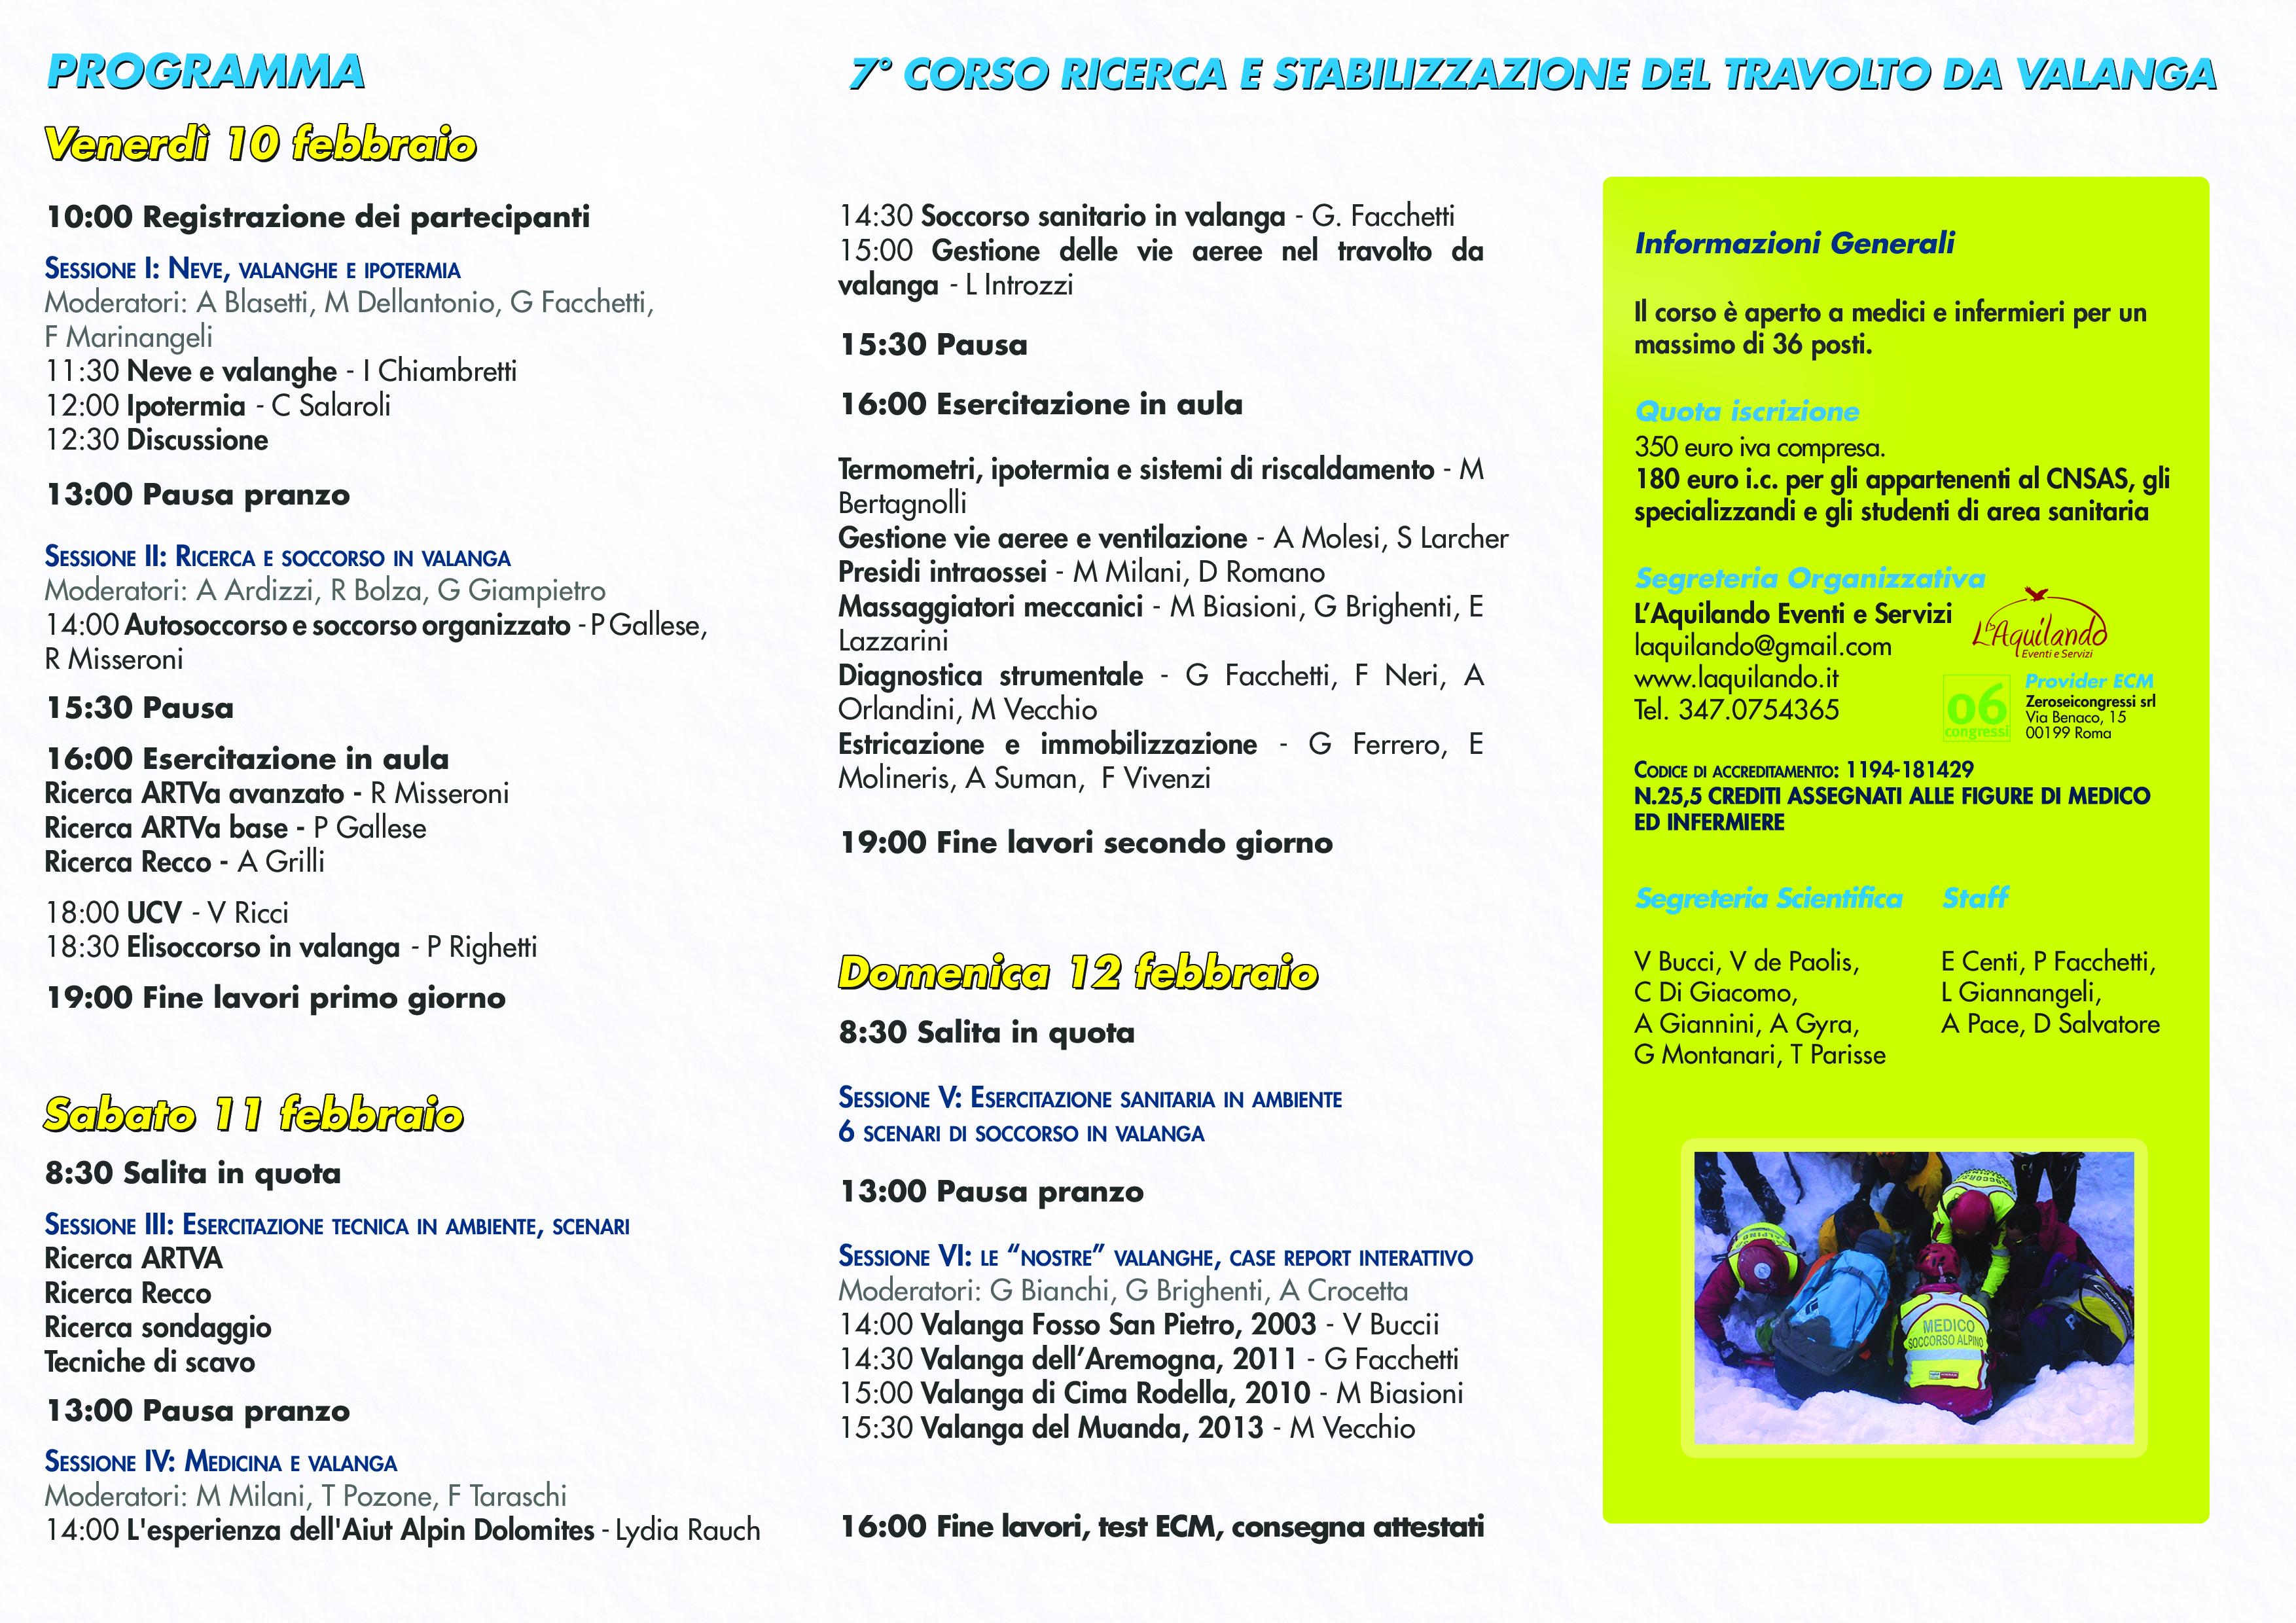 retro-brochure-VIIcorso-1